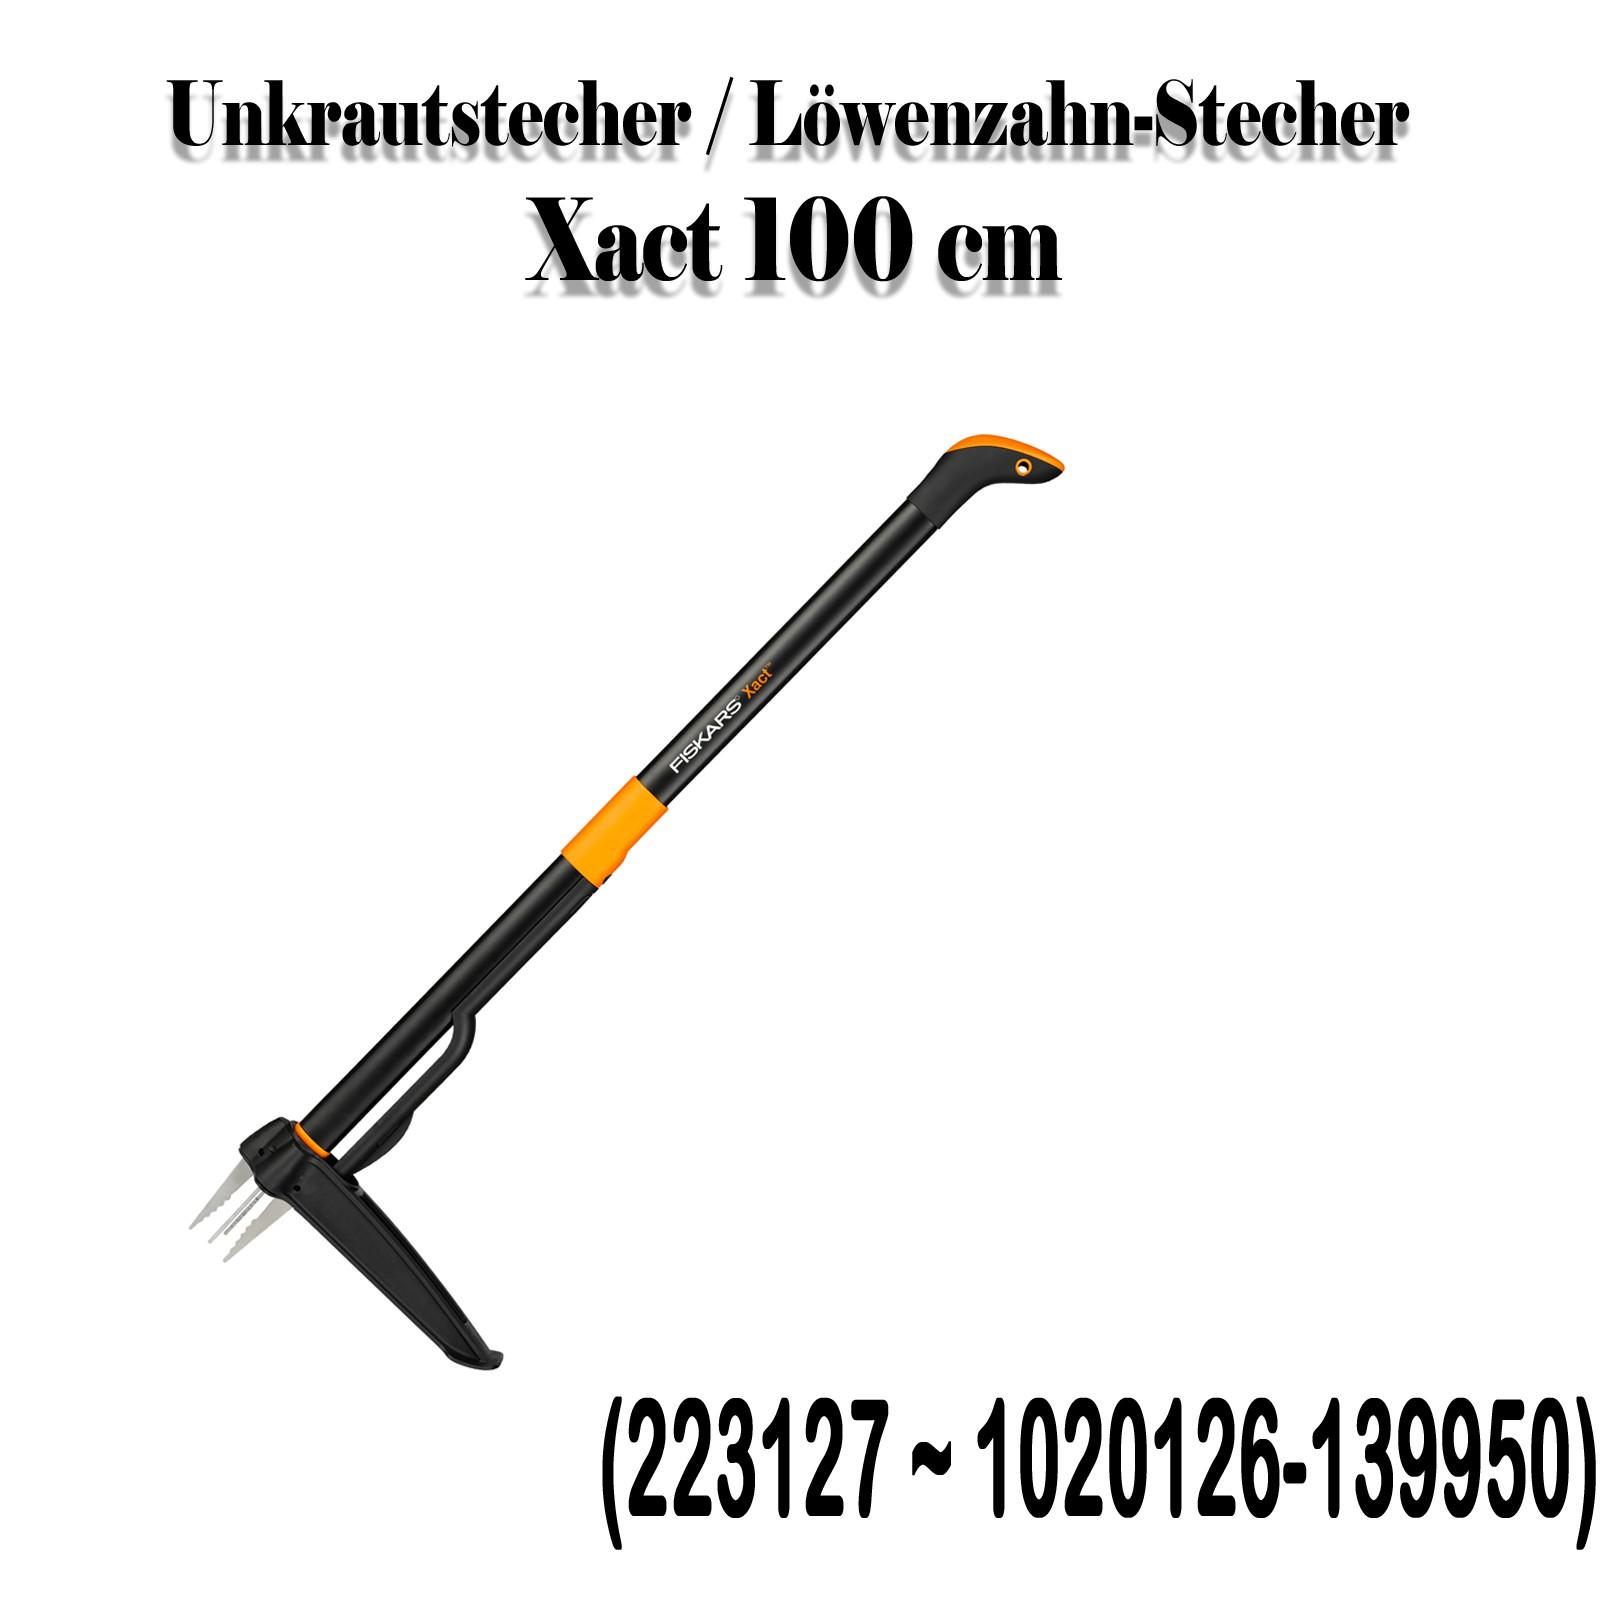 Fiskars Unkrautstecher Löwenzahn-Stecher Auswahl biologische Unkrautbekämpfung 1020126